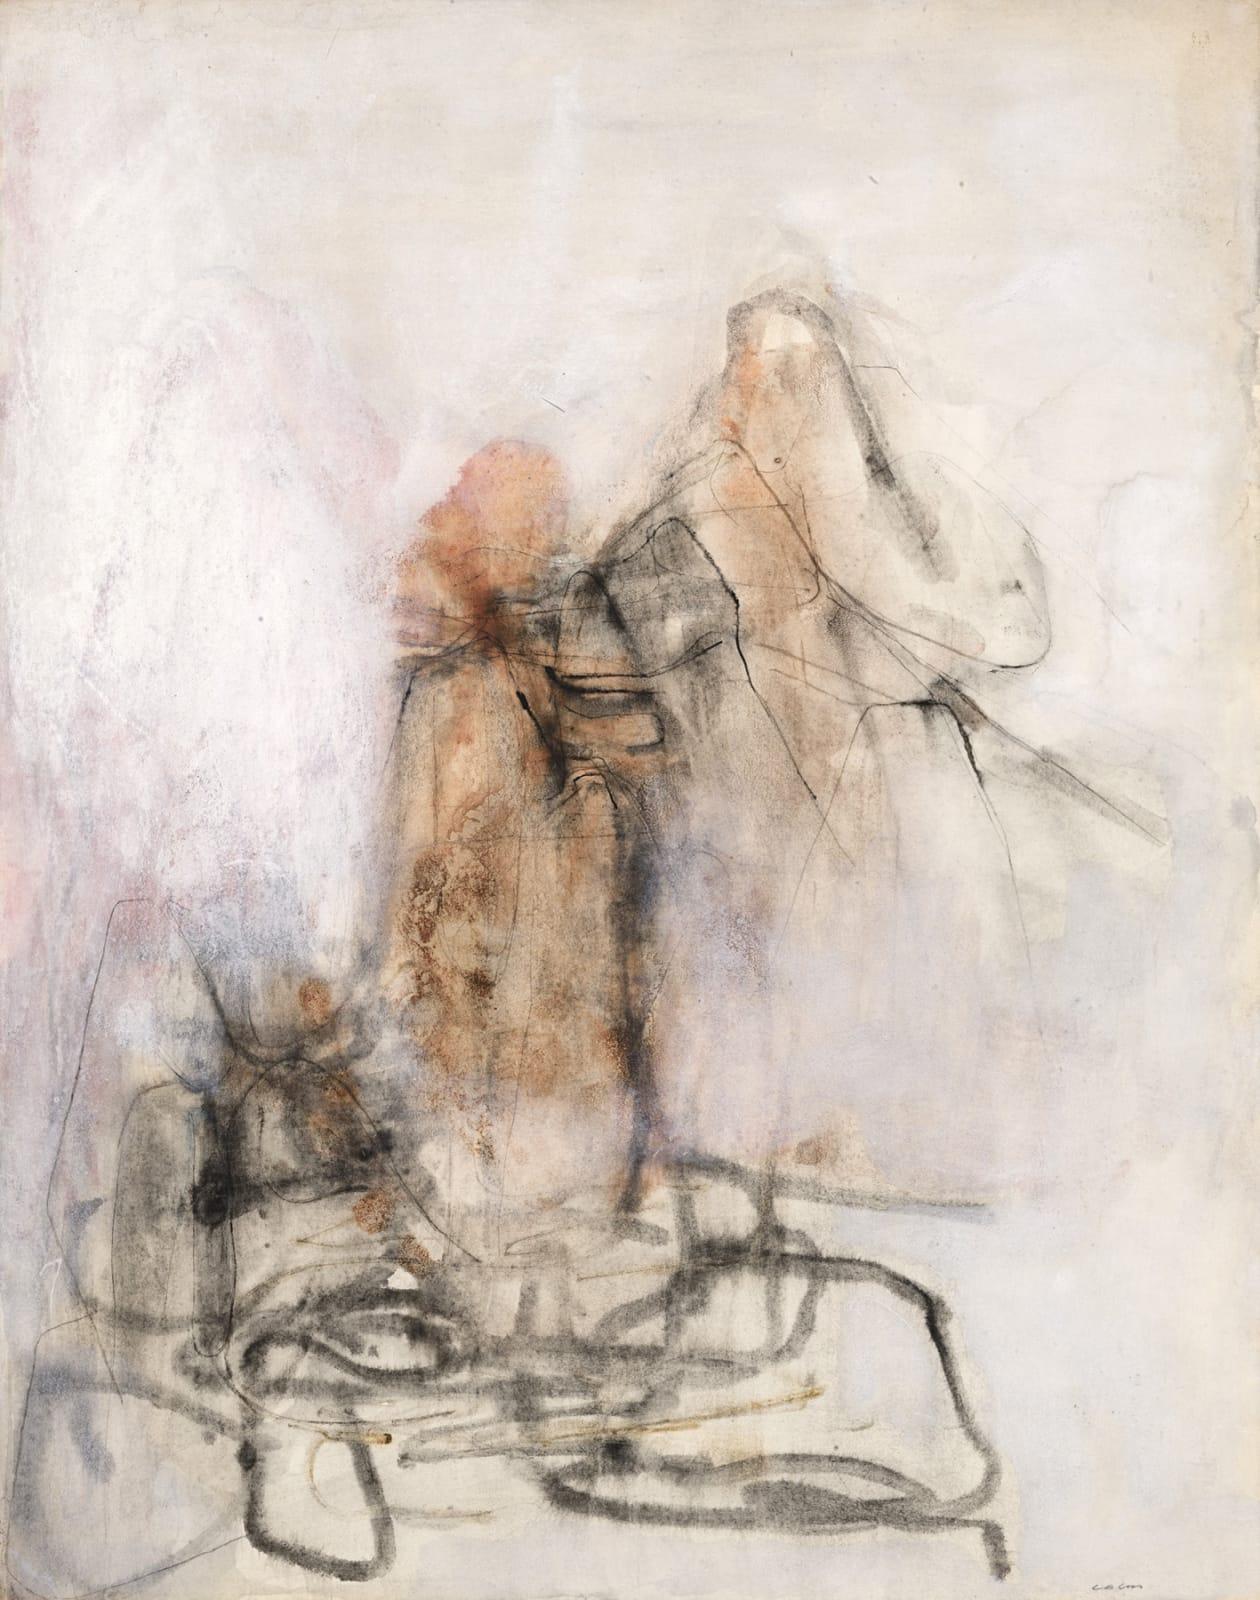 Lalan 謝景蘭, Untitled《無題》, 1975-1978